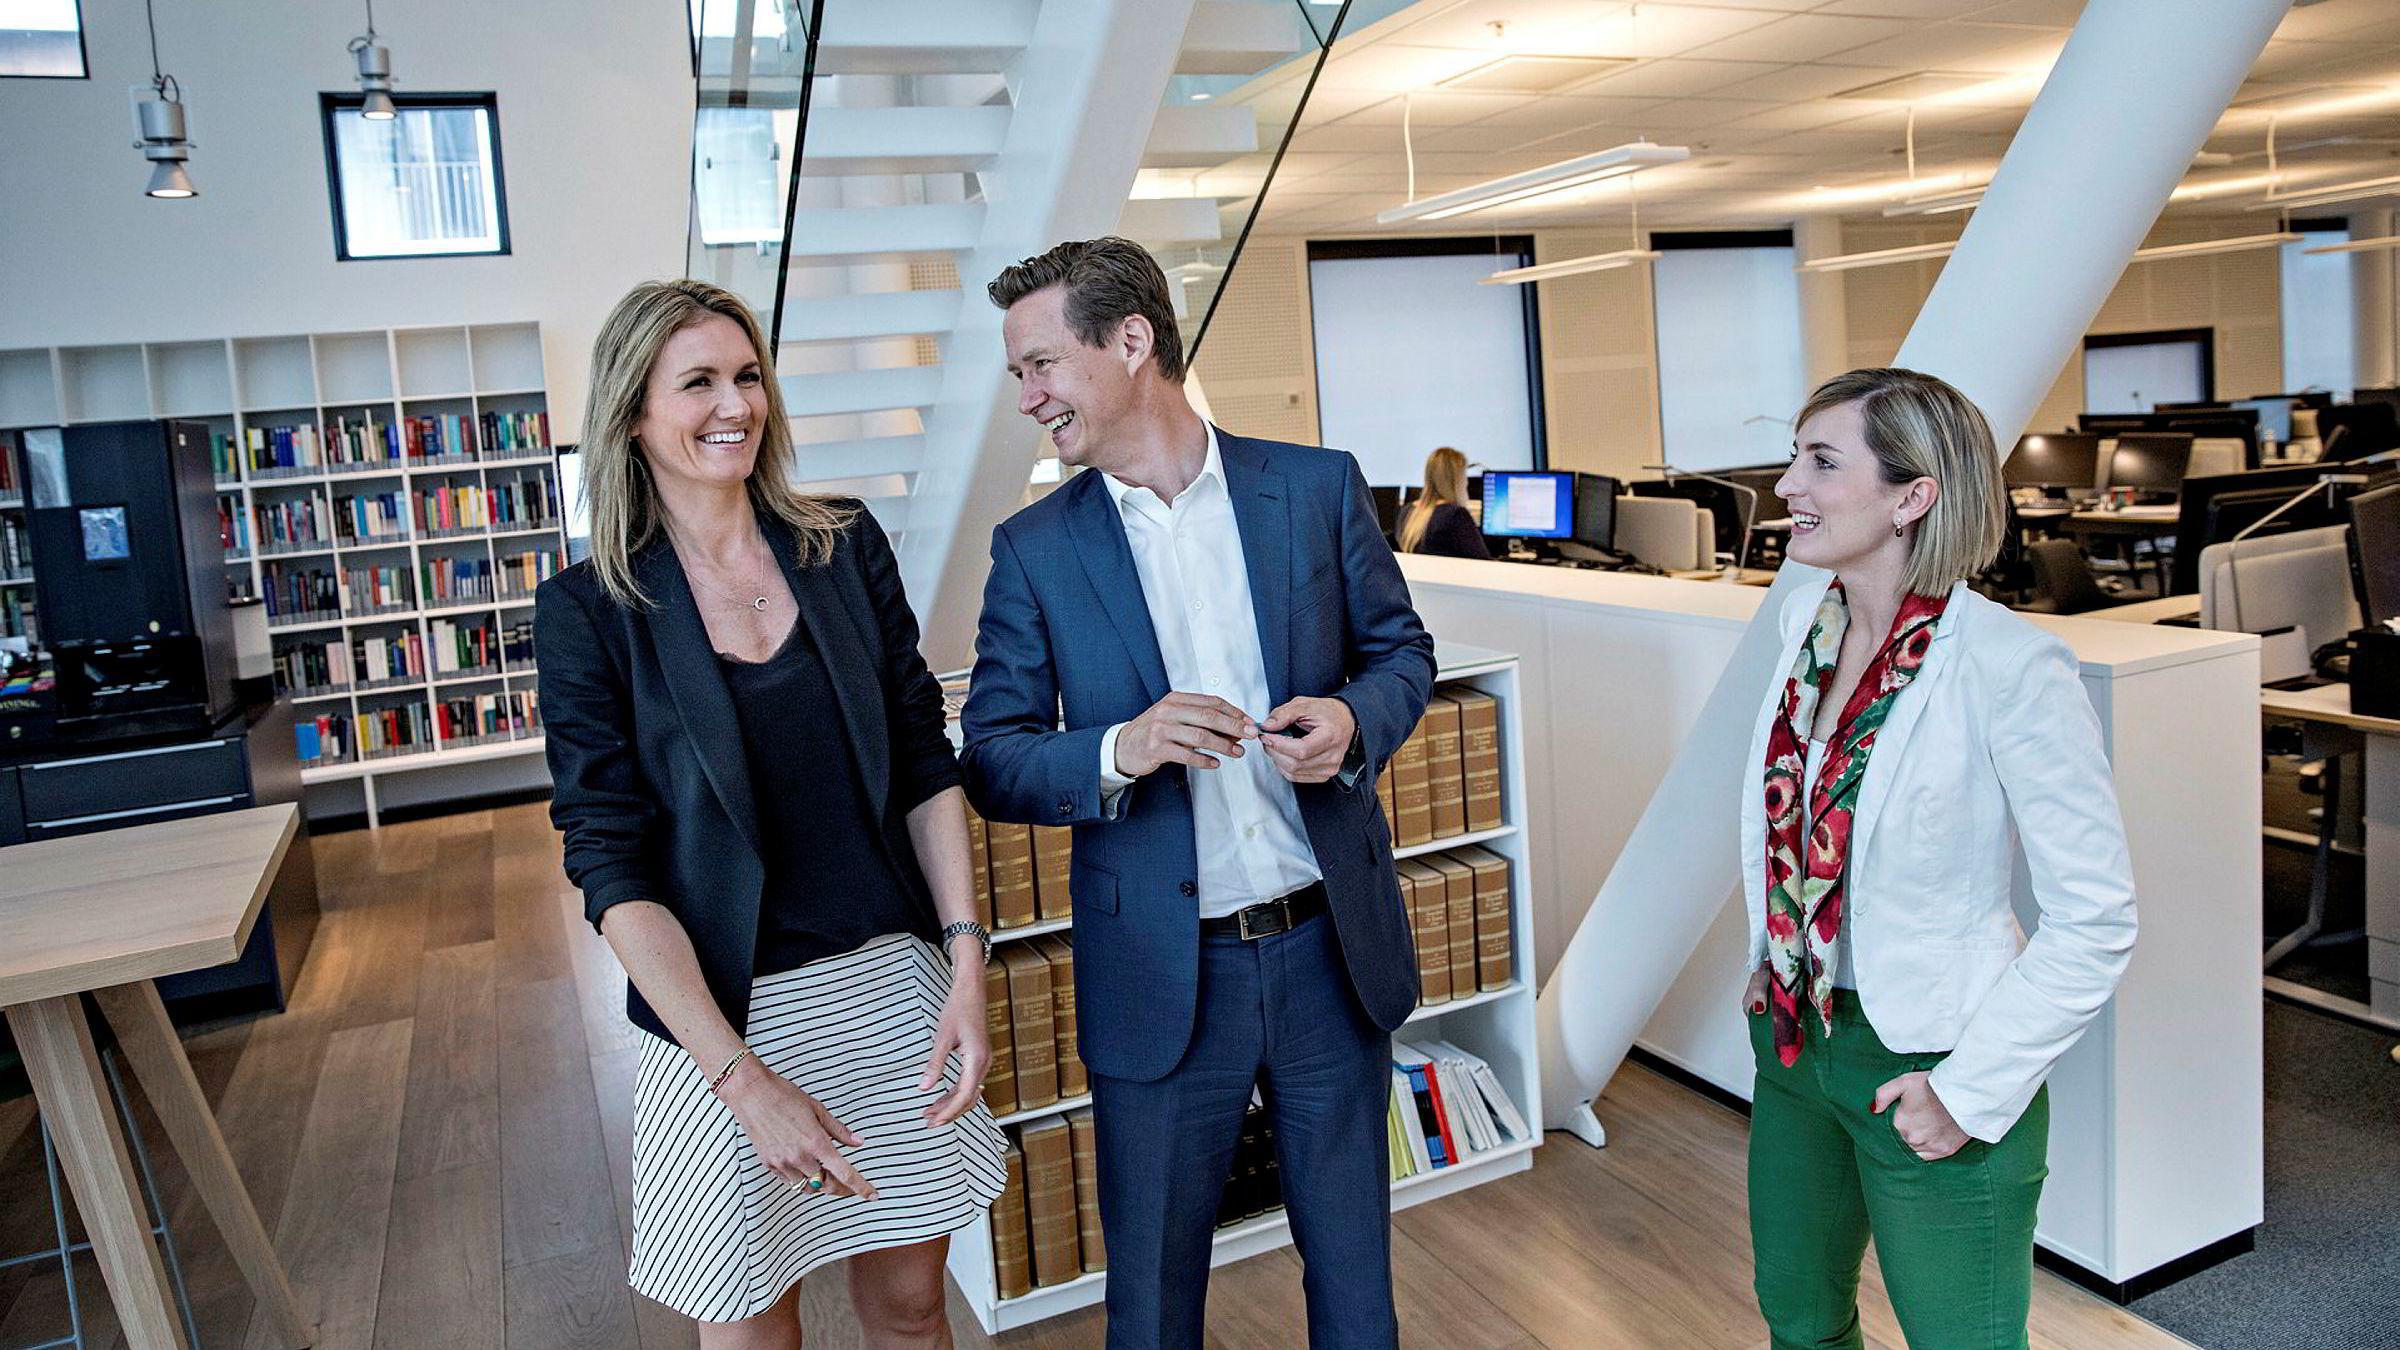 DNB etterstreber like mange kvinnelige og mannlige advokater i banken. Juridisk direktør Audun Moen og nestleder i juridisk avdeling Maria Løvold (til venstre), her sammen med student Pauline Sommerfelt Helle.